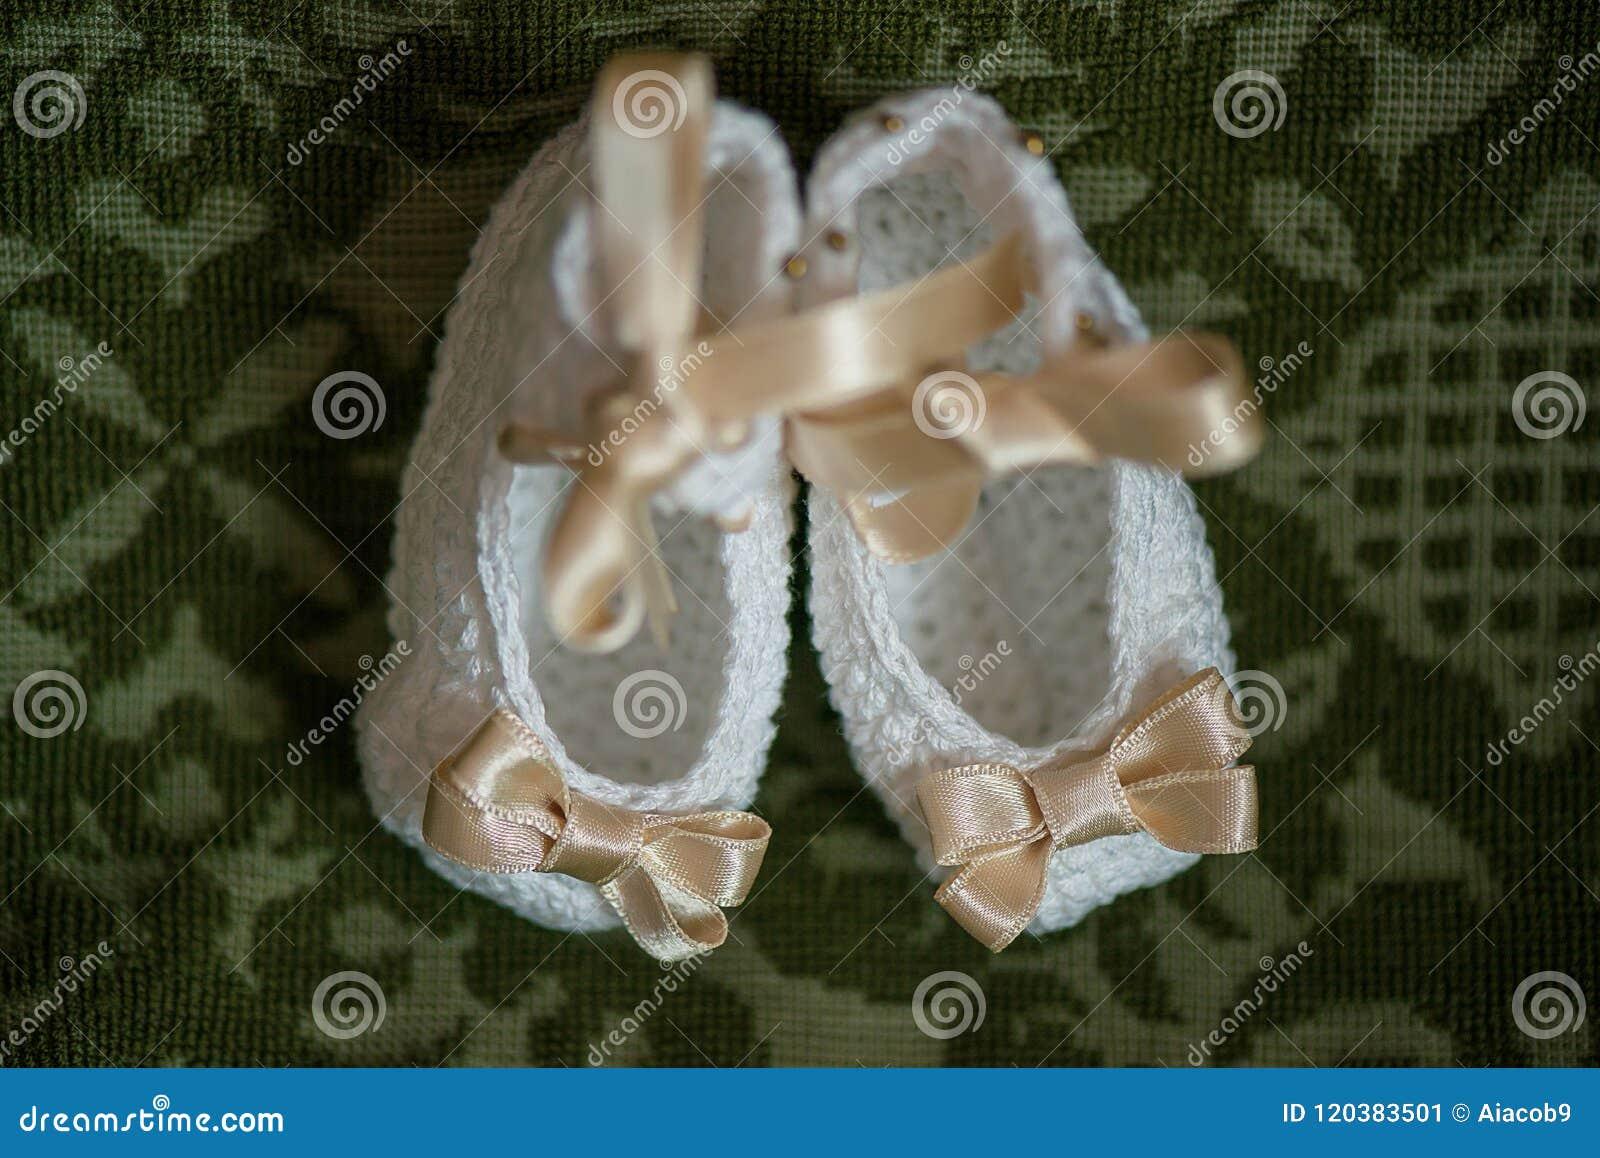 De buiten van het babymeisje in wit met beige linten